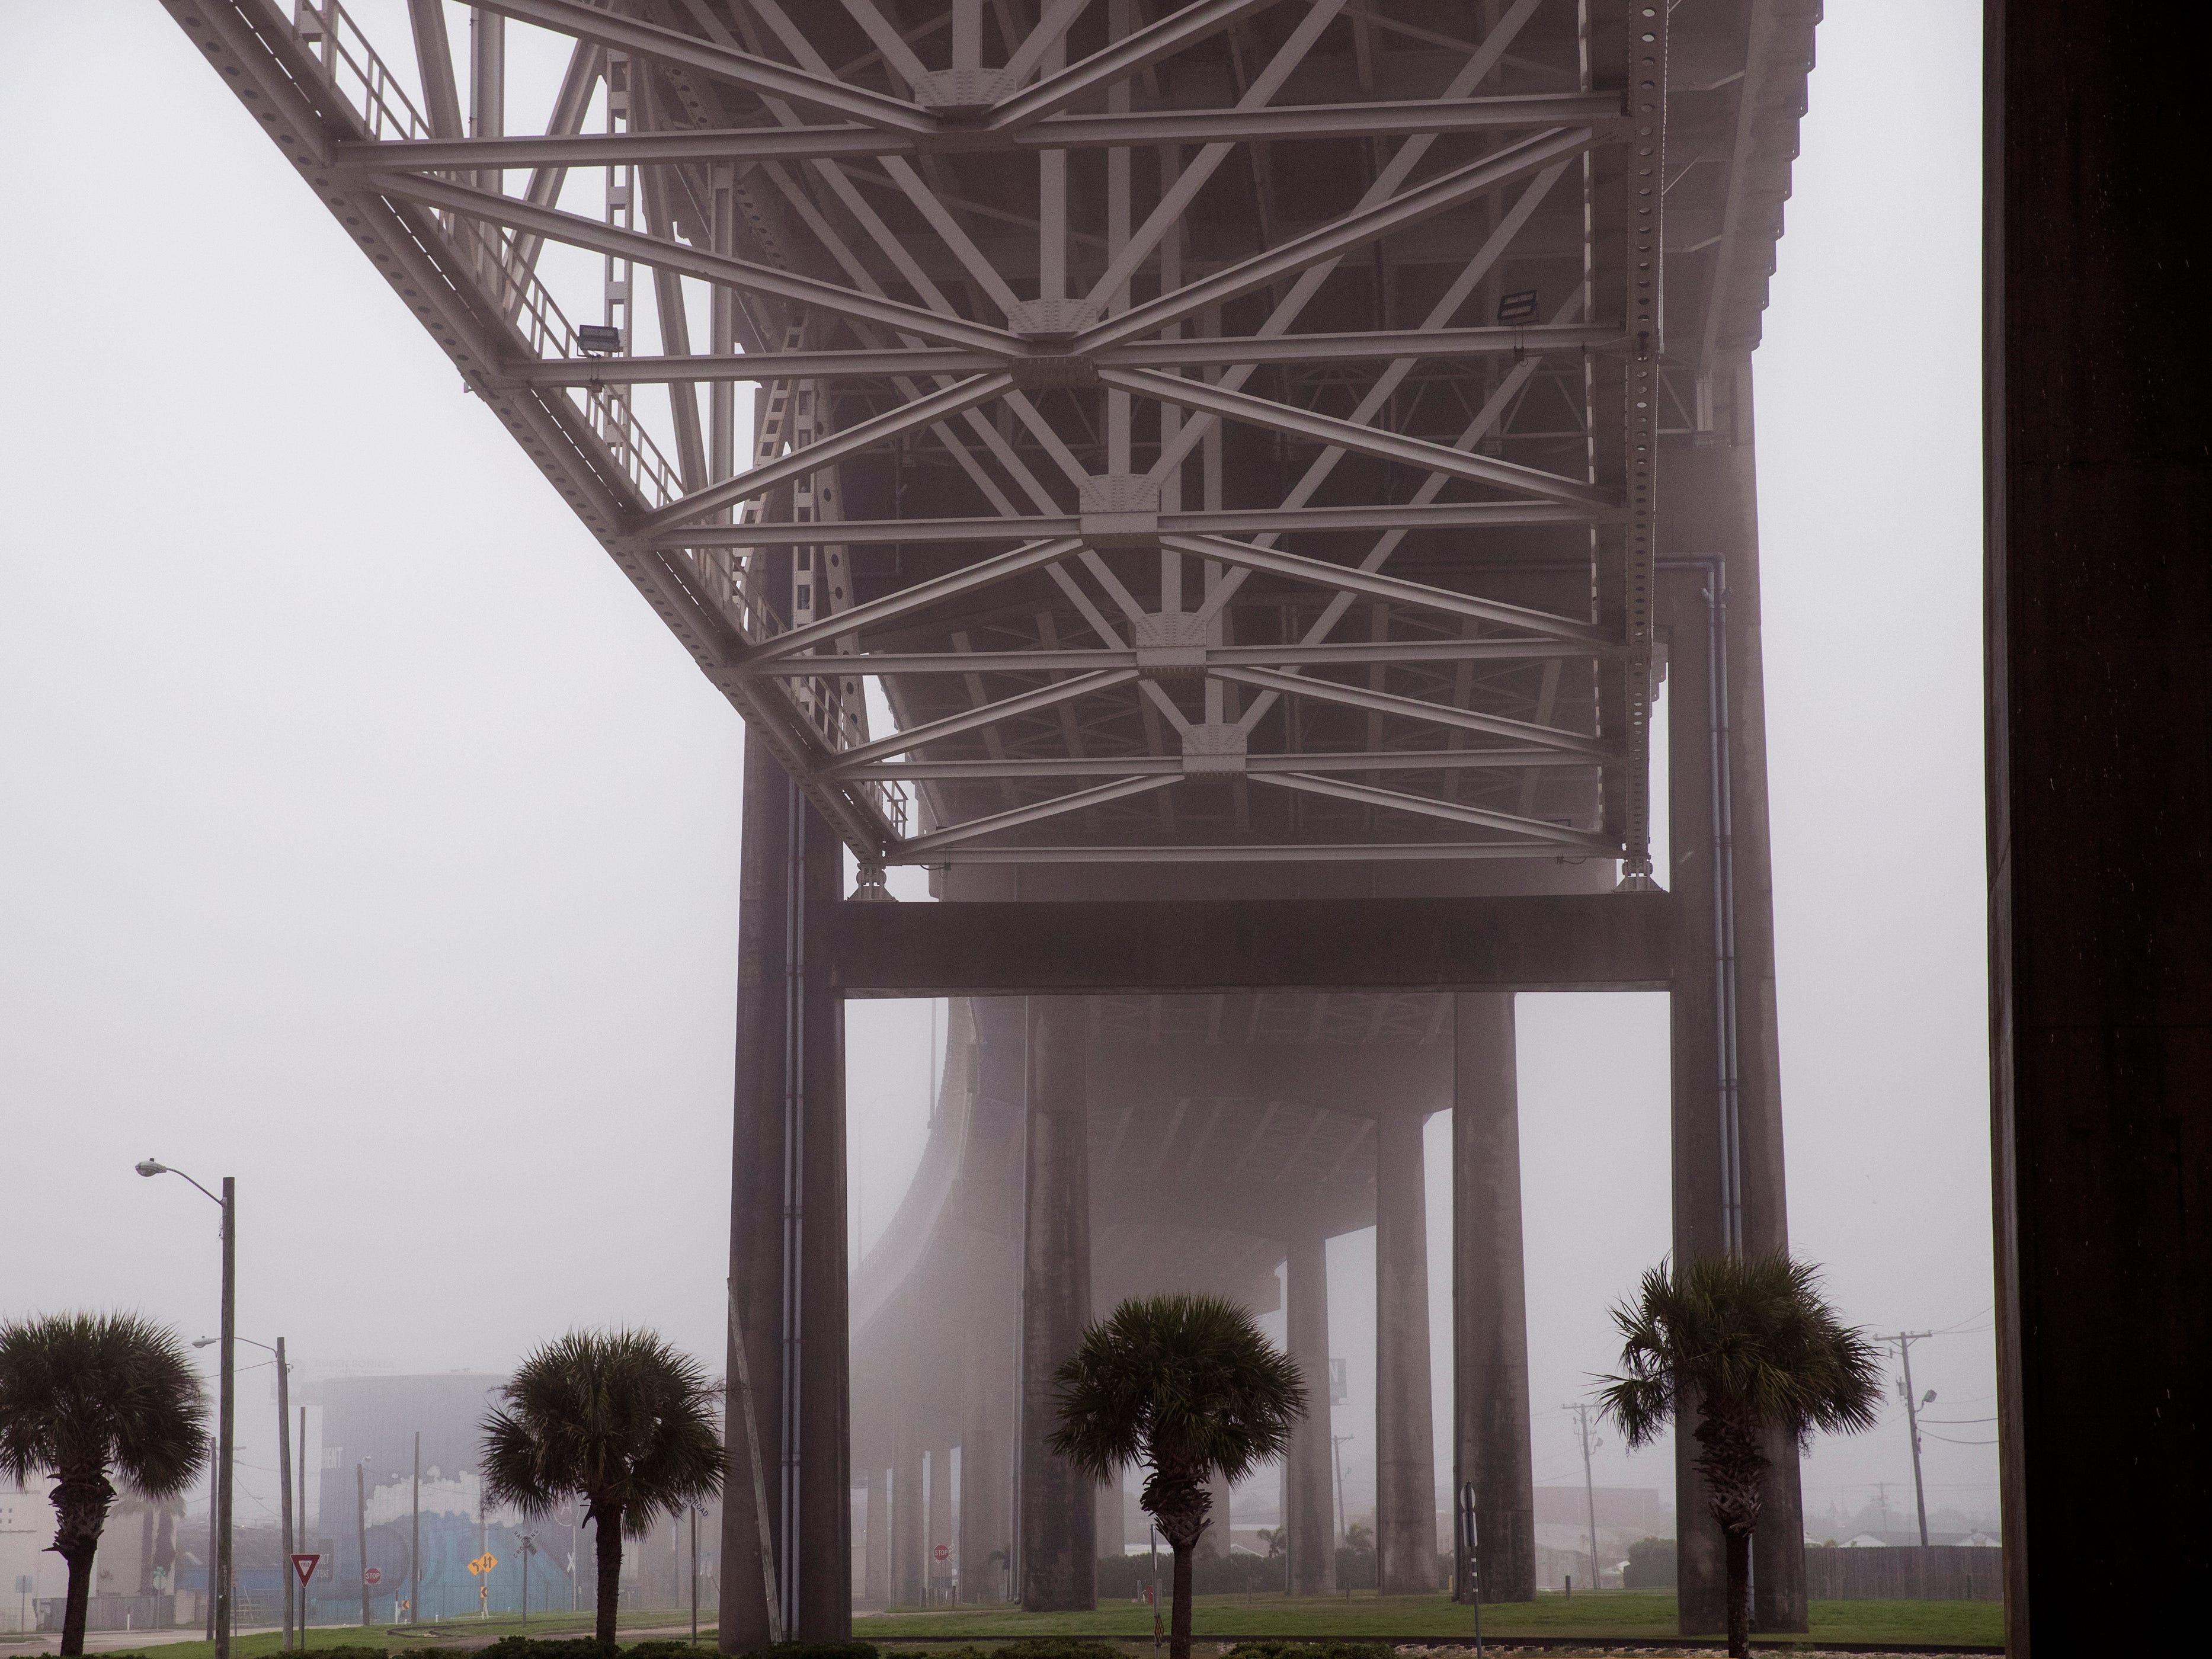 Fog envelopes the Harbor Bridge in Corpus Christi on Tuesday, February 5, 2019.